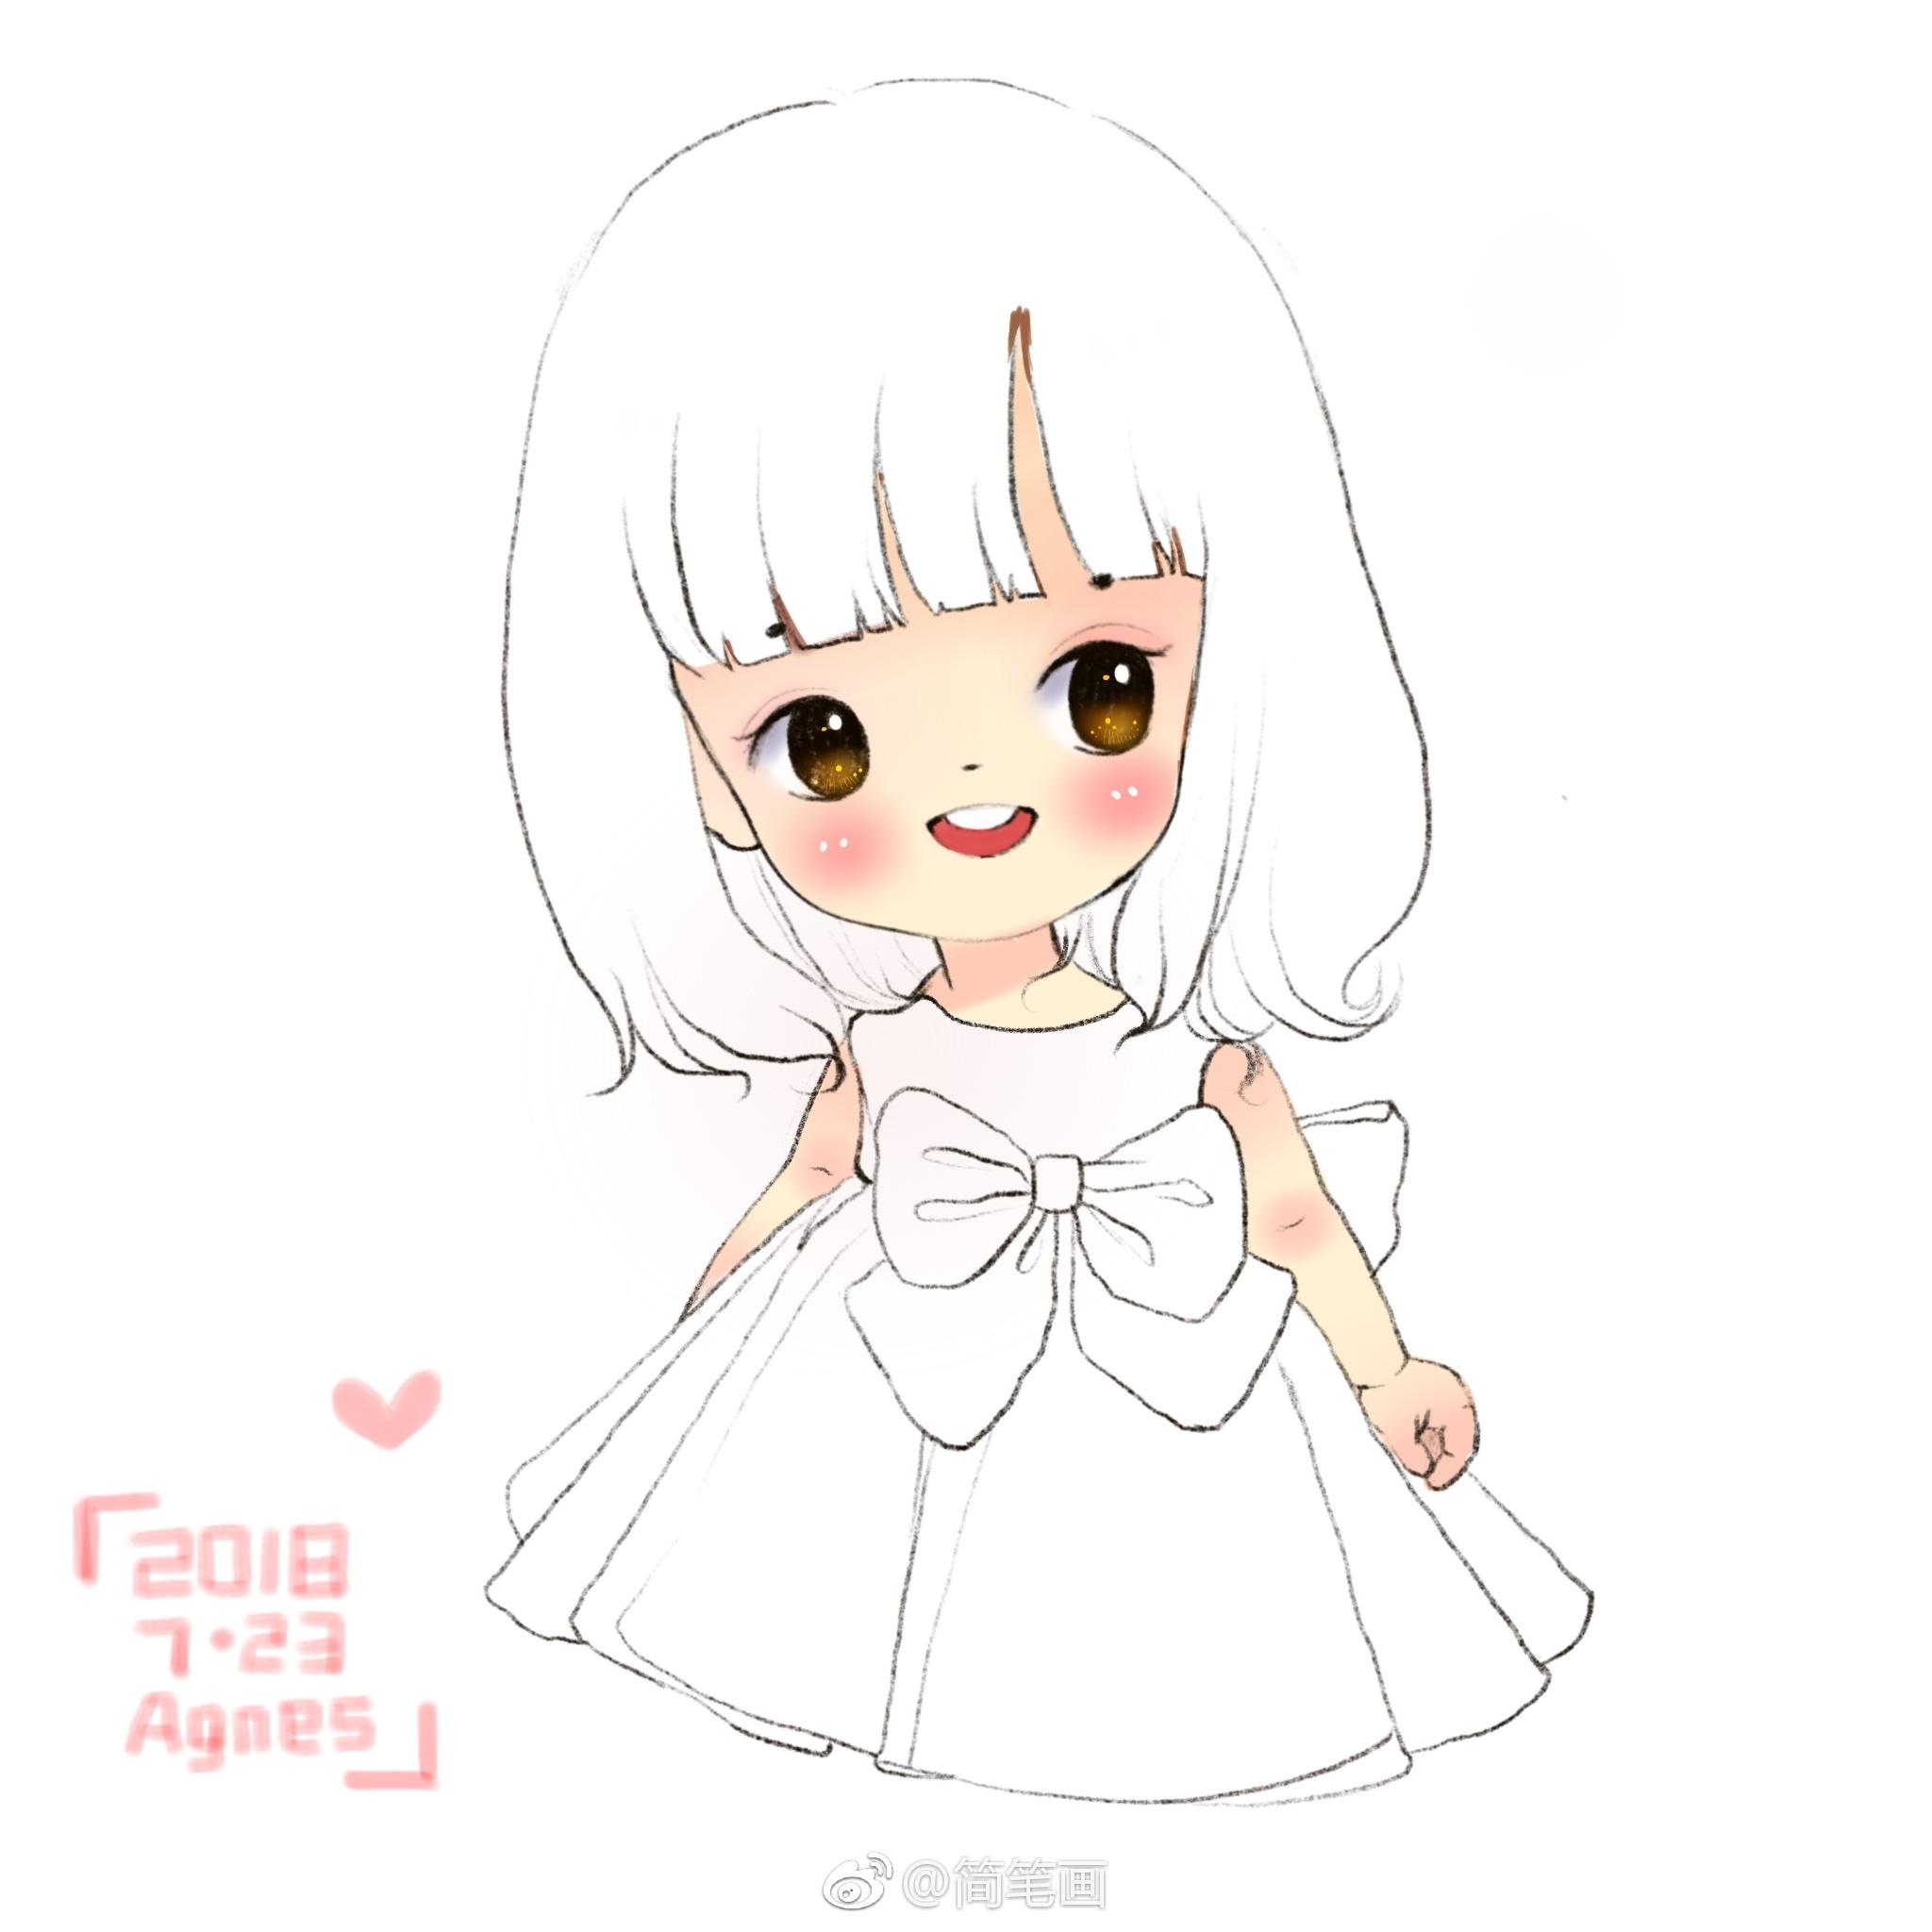 超可爱的简笔画小女孩(投稿:@土豆奇奇-agnes )